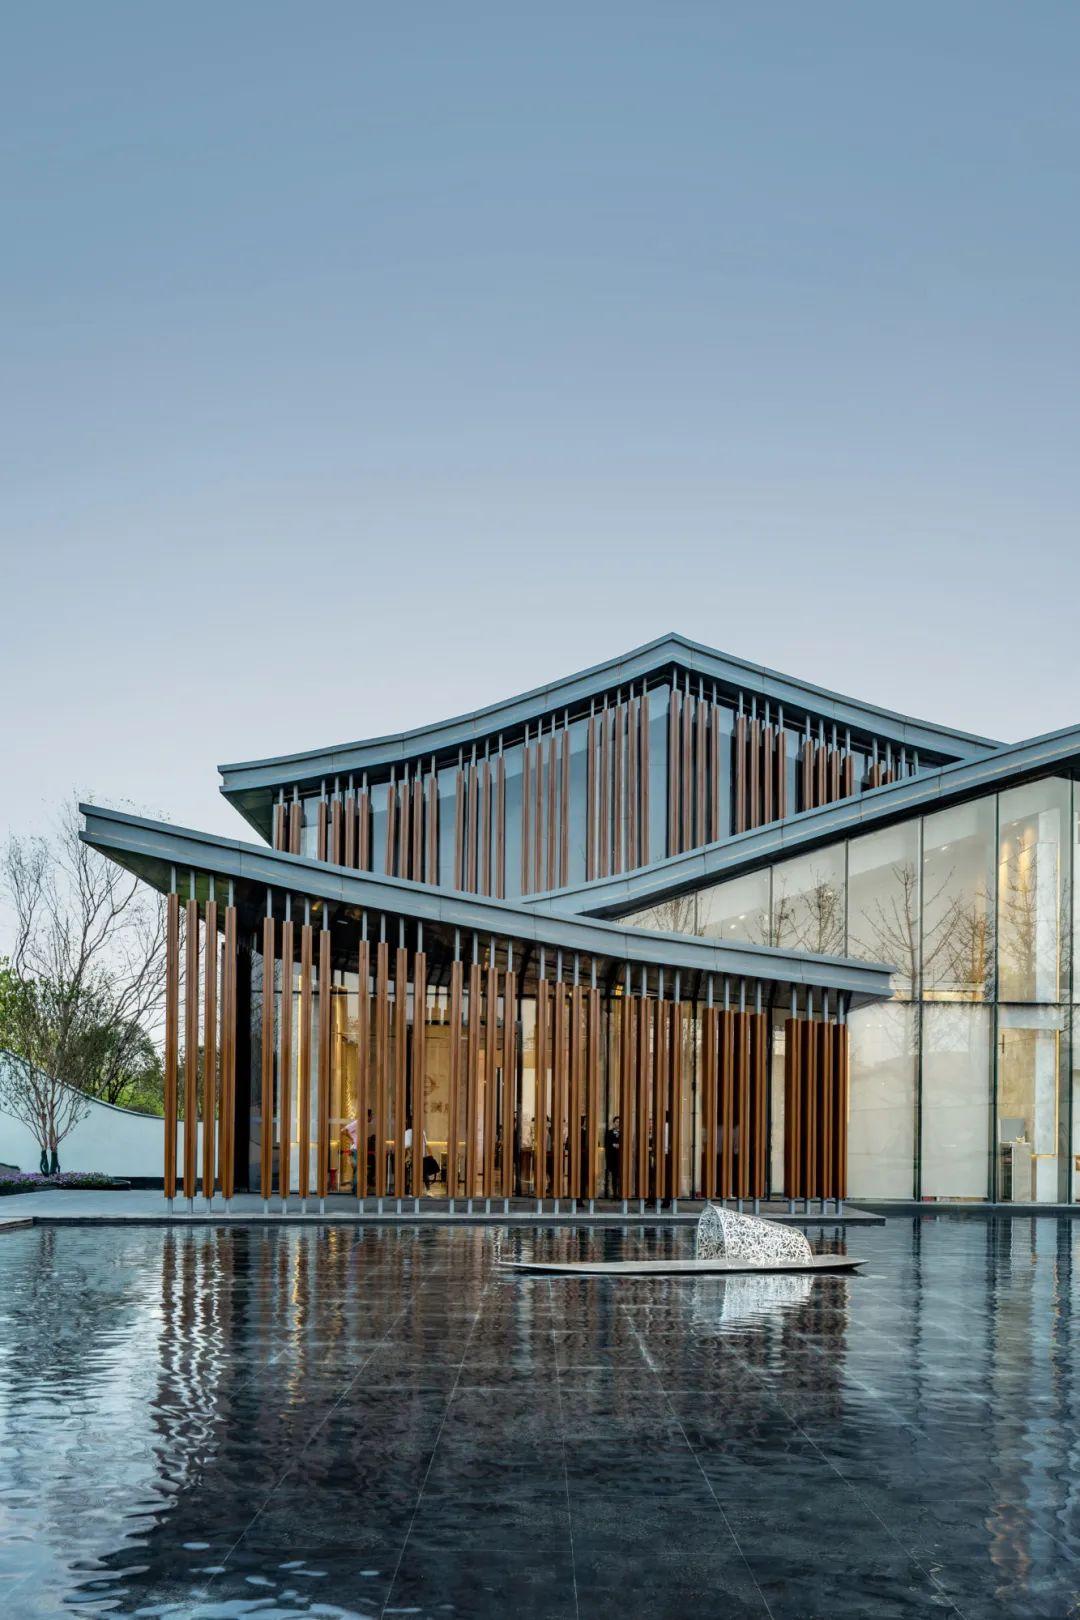 阳光城青山湖·文澜府建筑设计 / Taichin天青设计